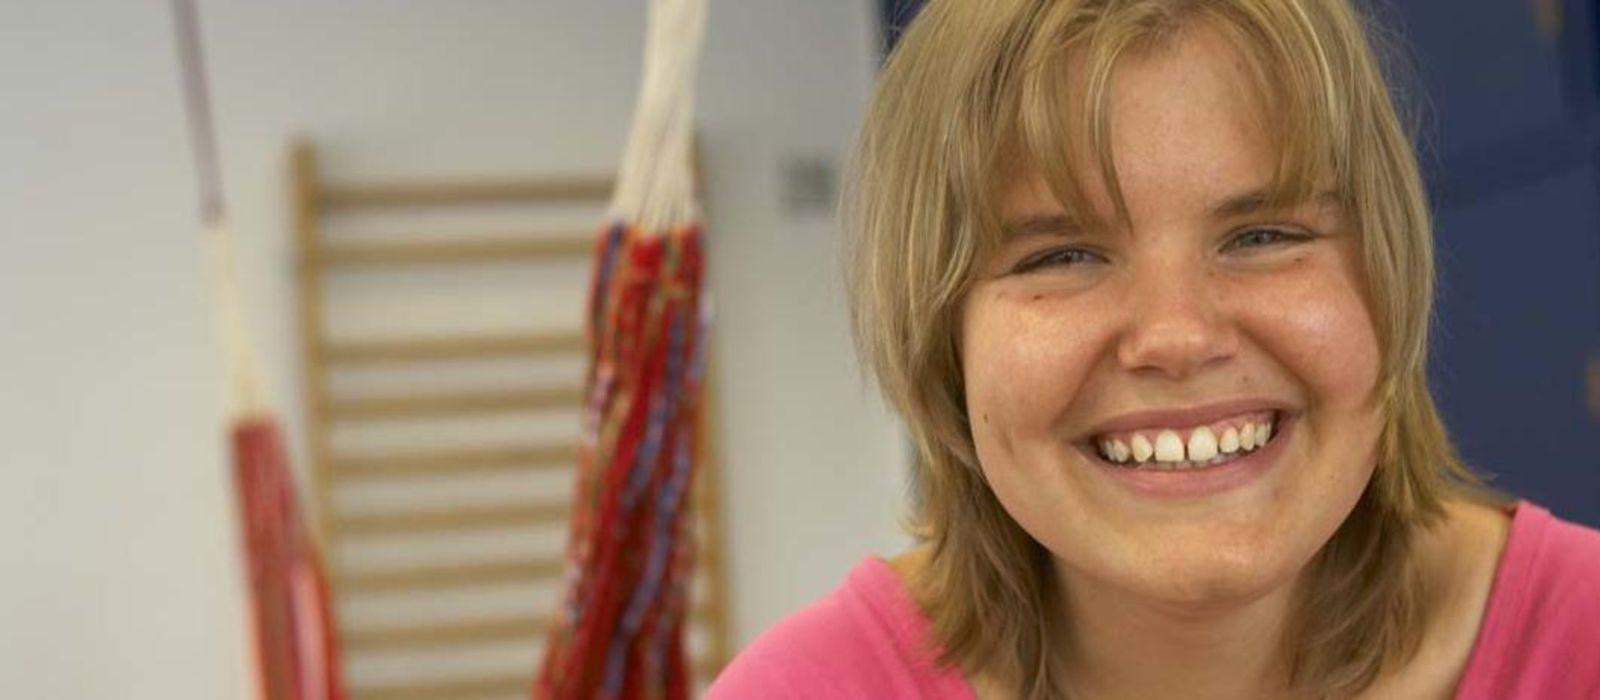 Ein Mädchen in einem pinken Tshirt lacht in die Kamera.